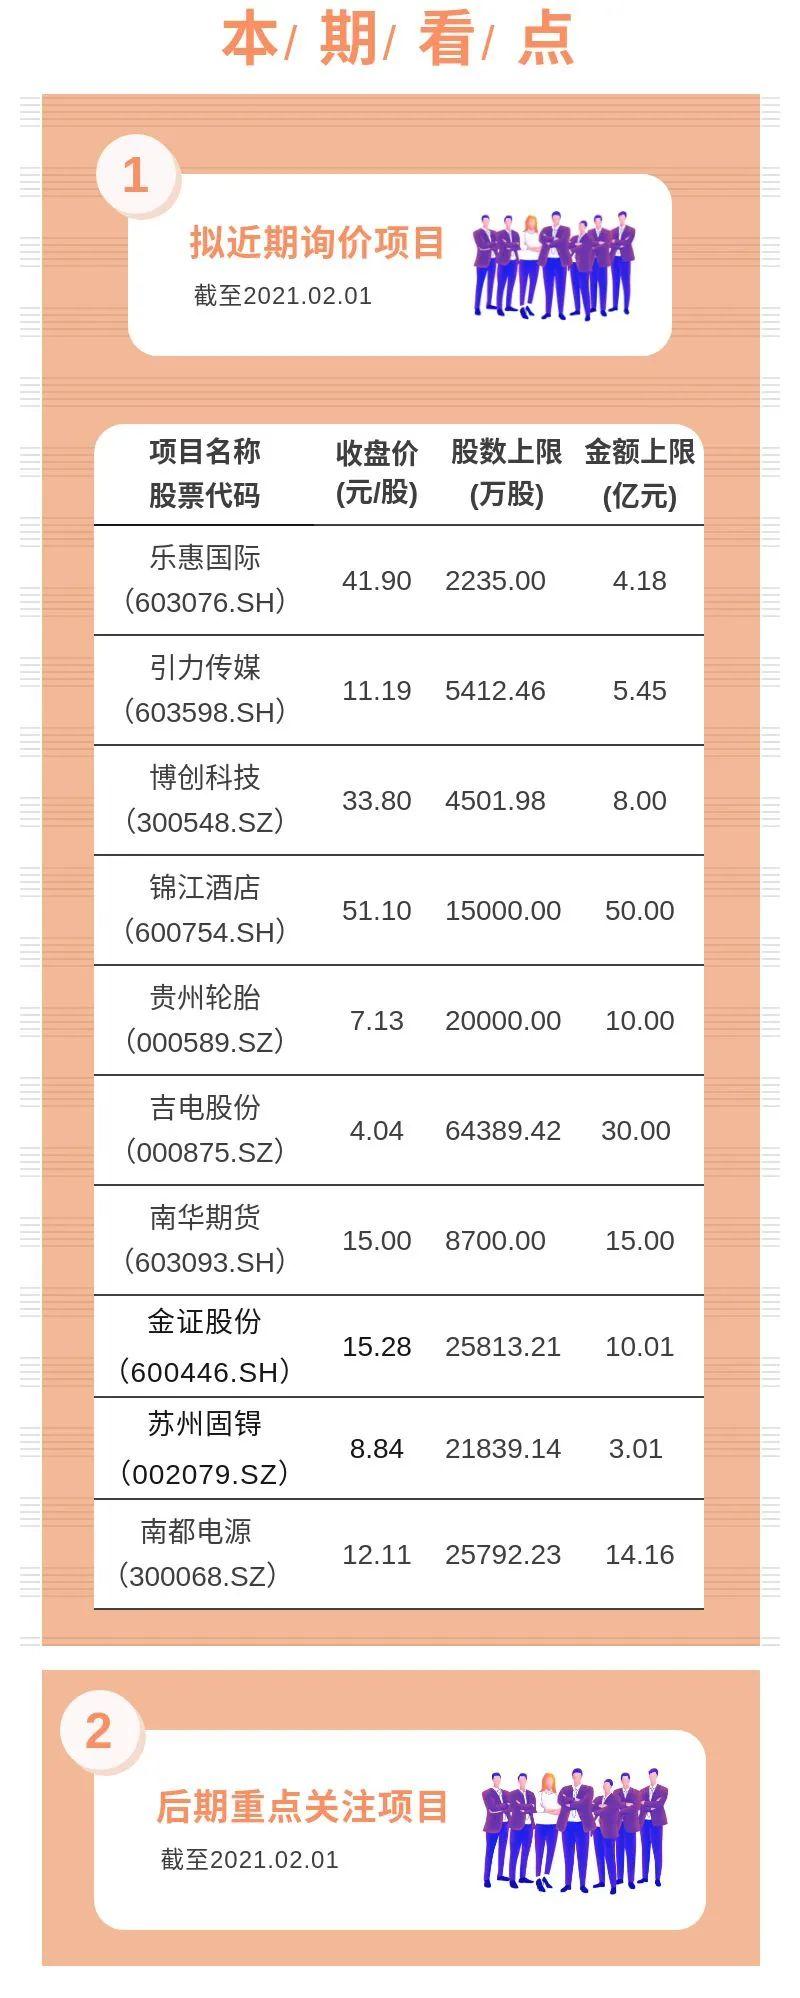 财通基金定增有料 2020.02.02